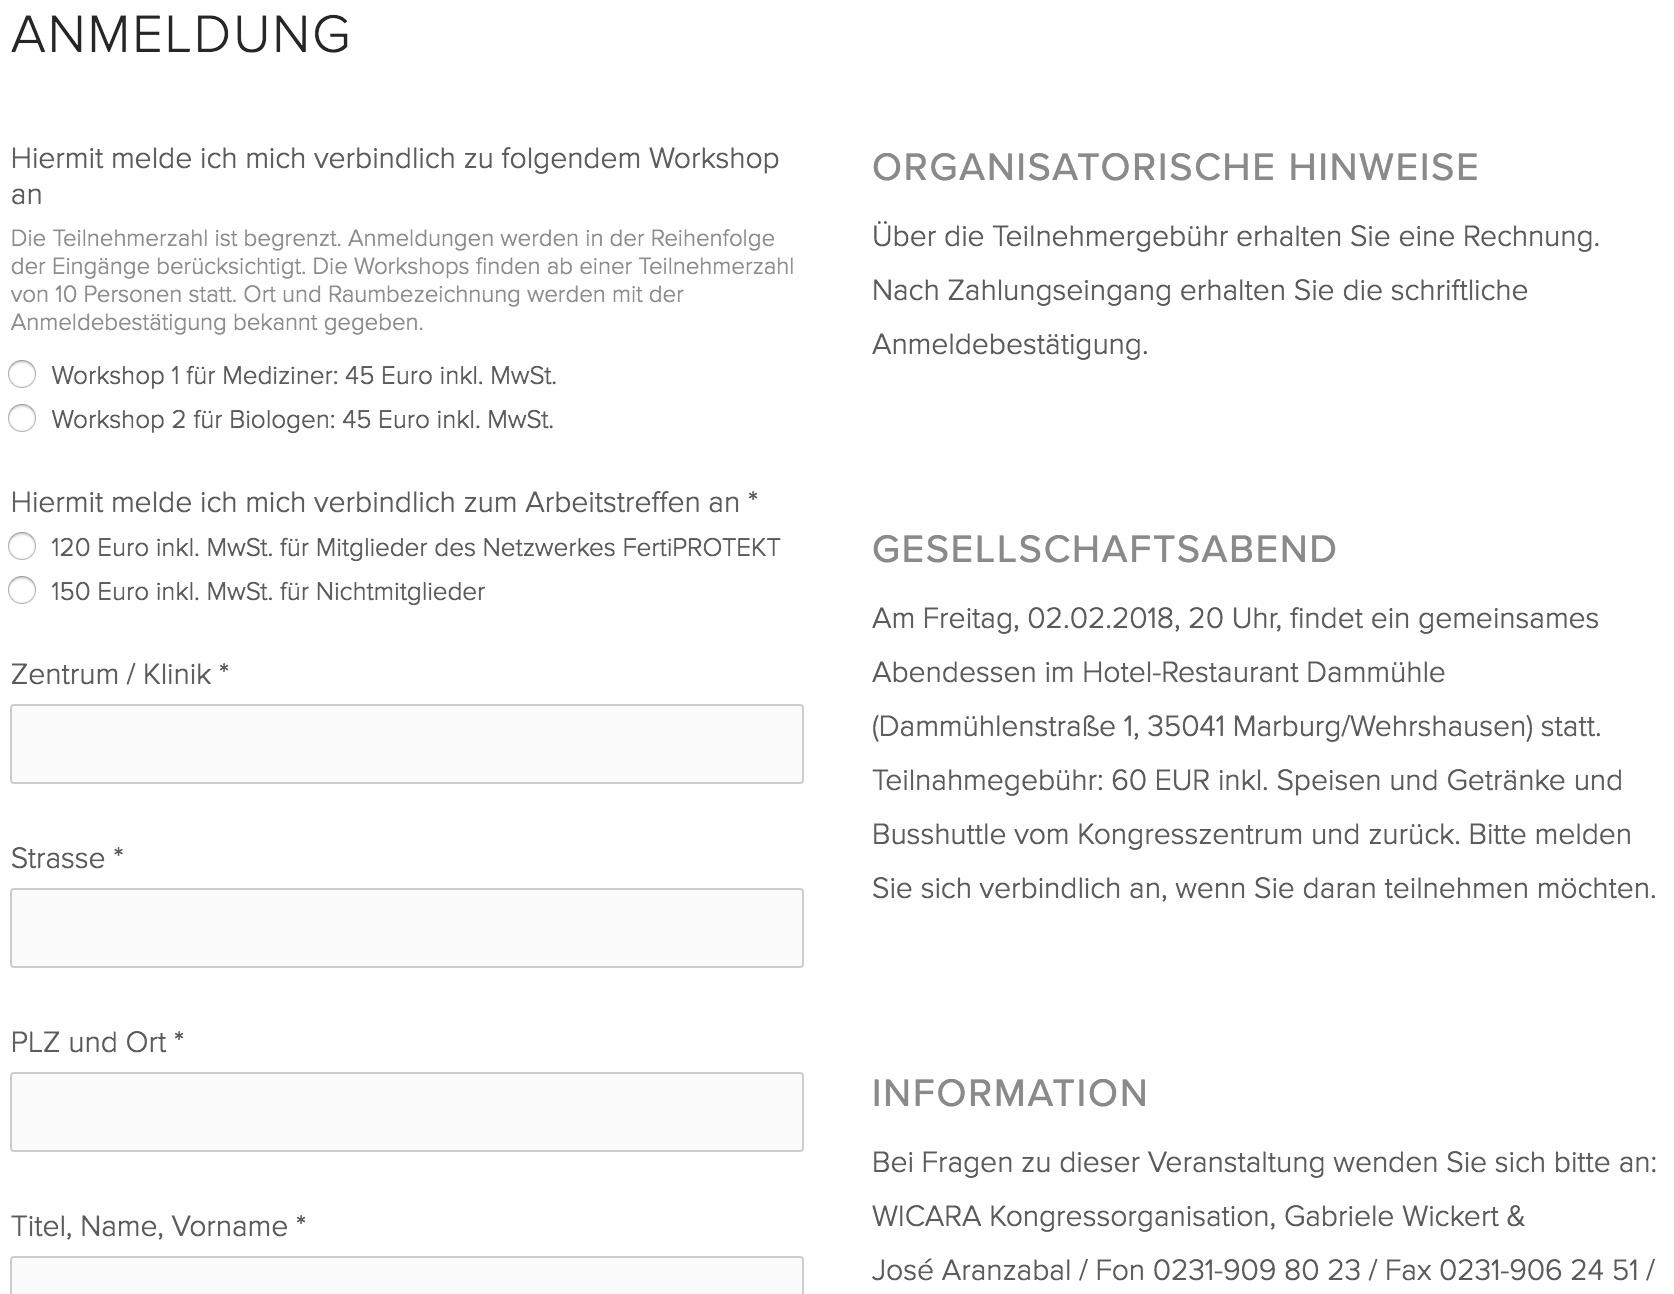 Anmeldung zum Arbeitstreffen in Marburg — FertiPROTEKT